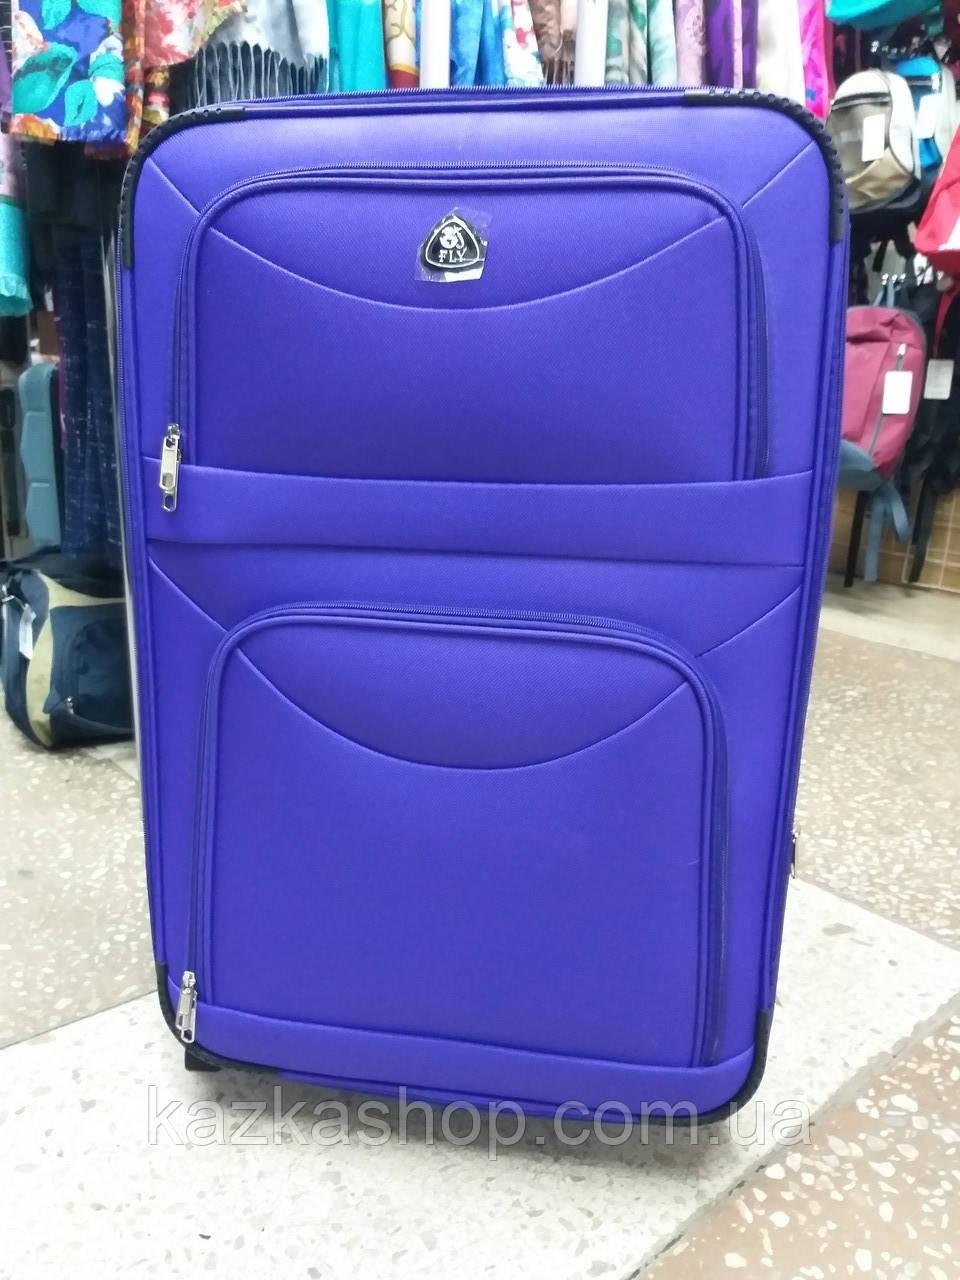 Тканевой чемодан Fly 6802 на 2 колеса, Польша, телескопическая ручка, металлический каркас